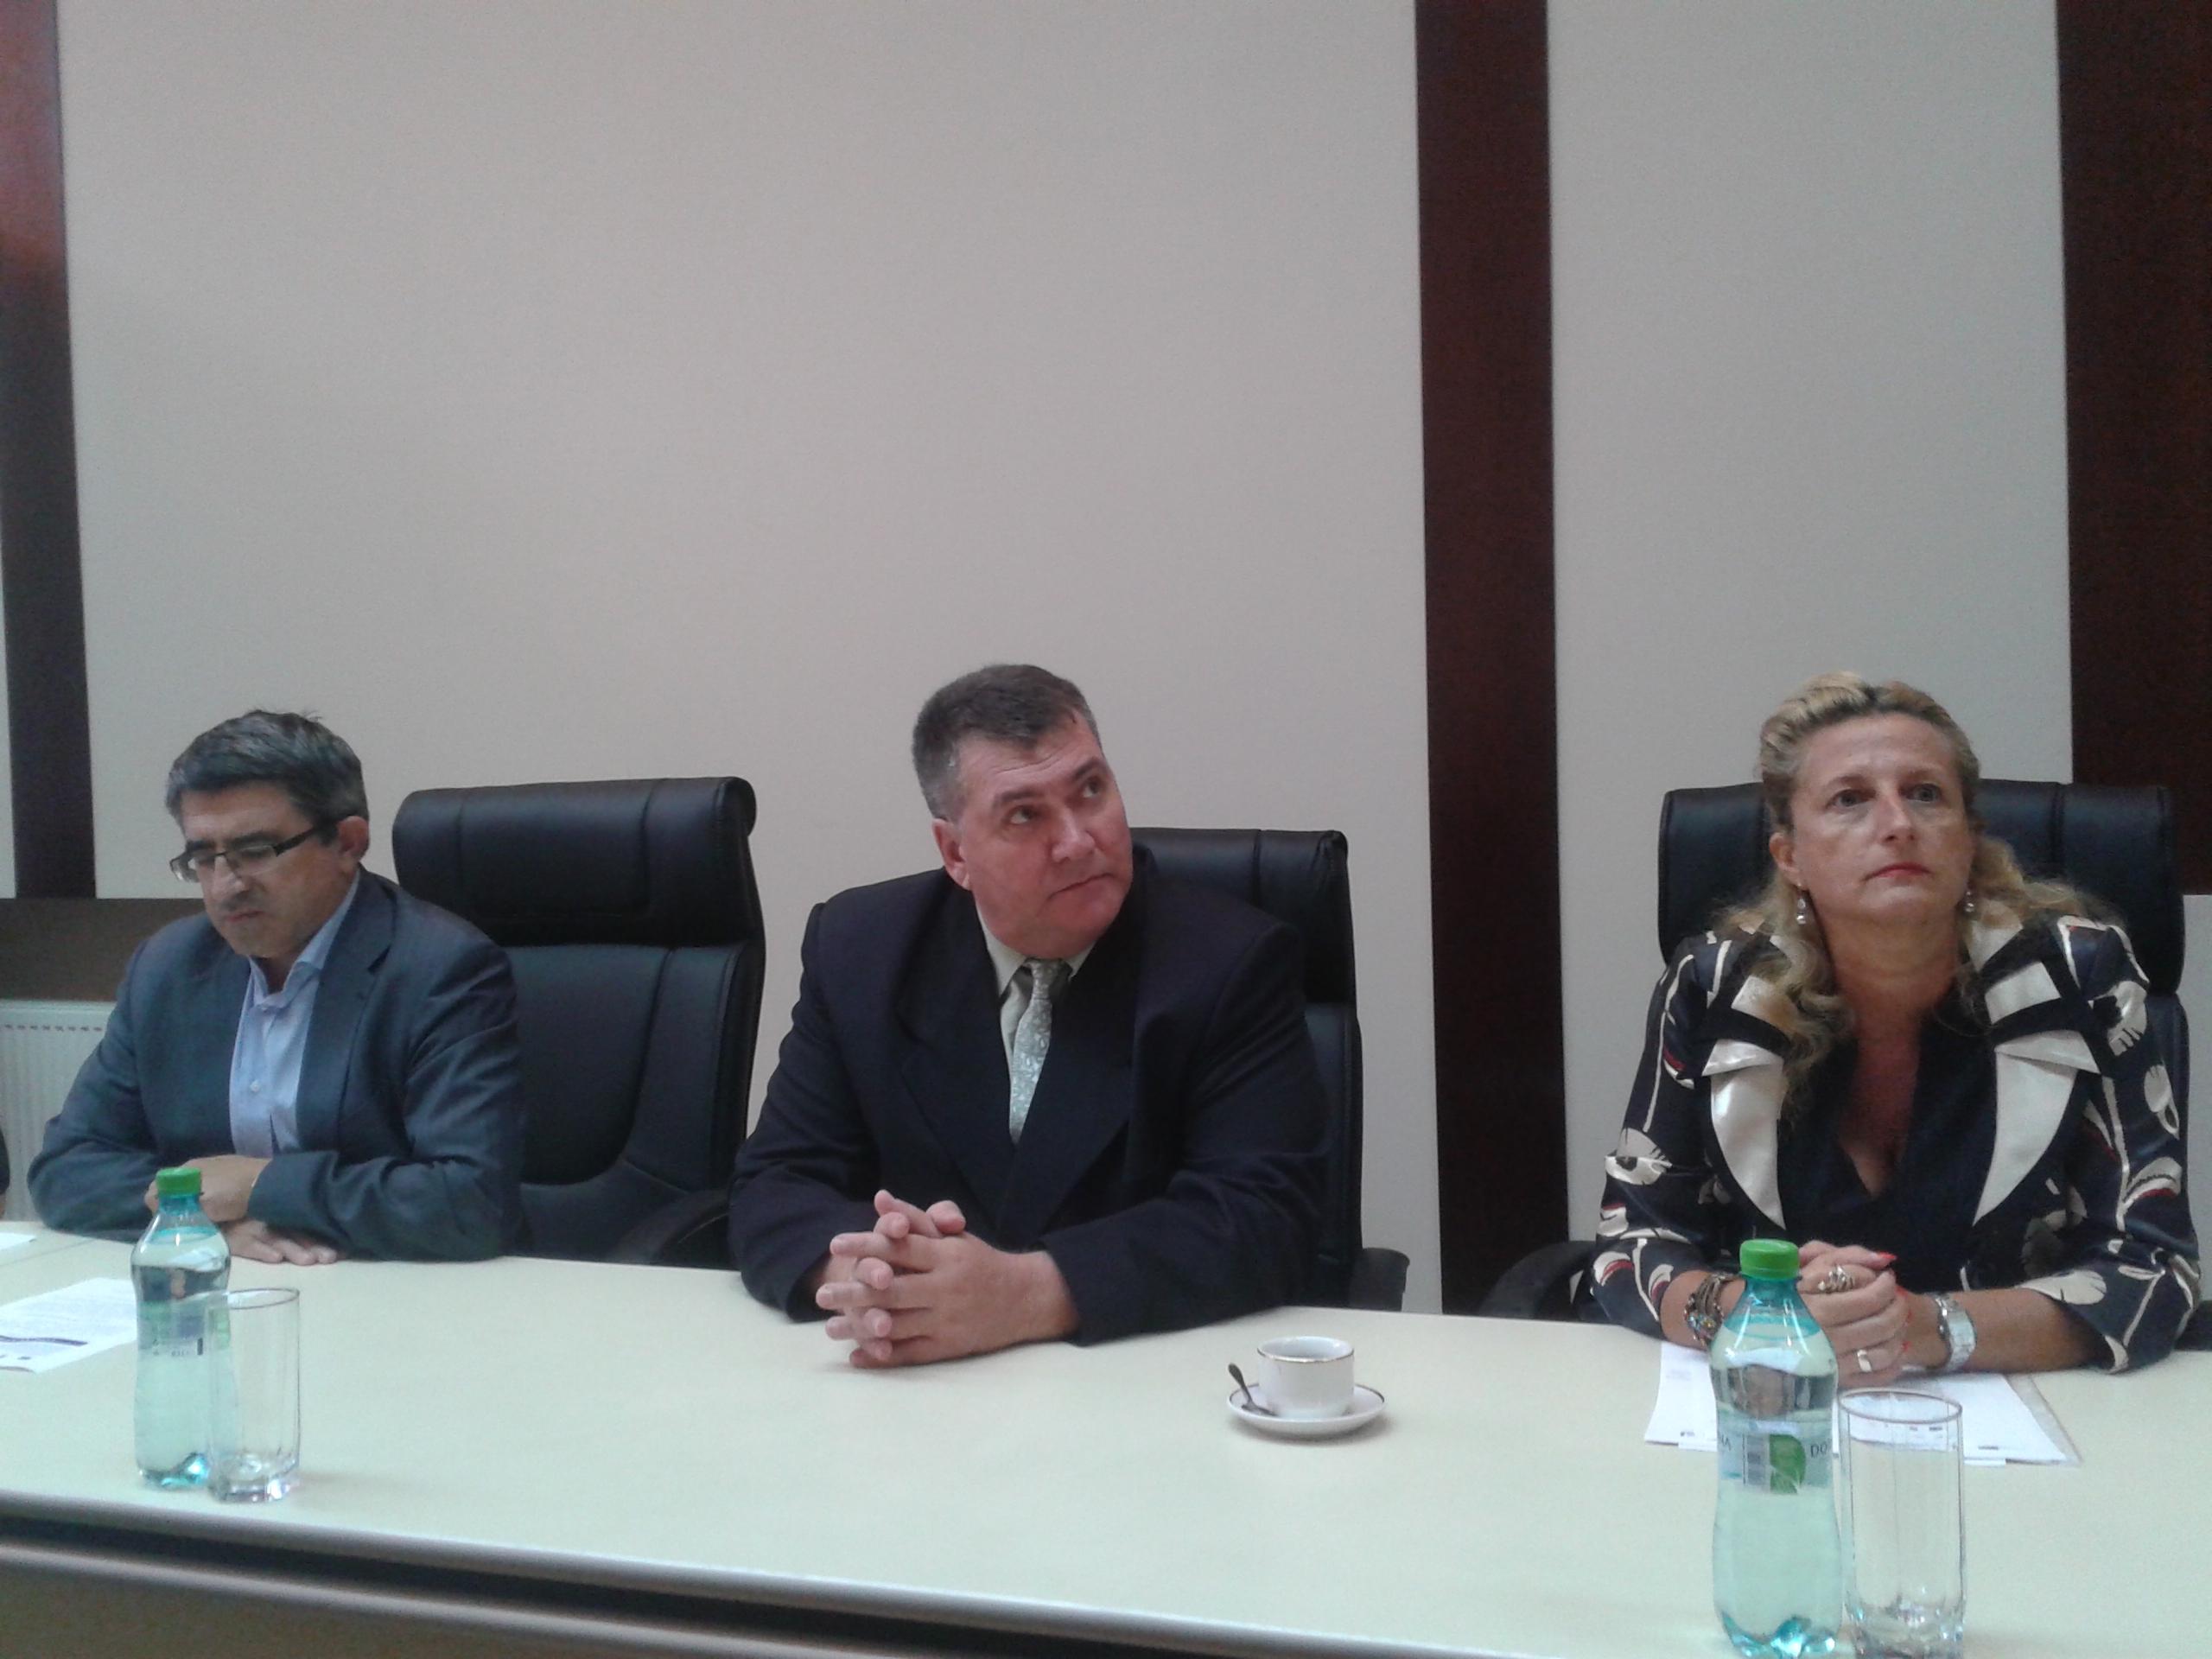 Gheorghe Popovici, Cornelia Dugarin si Cristian Fanica